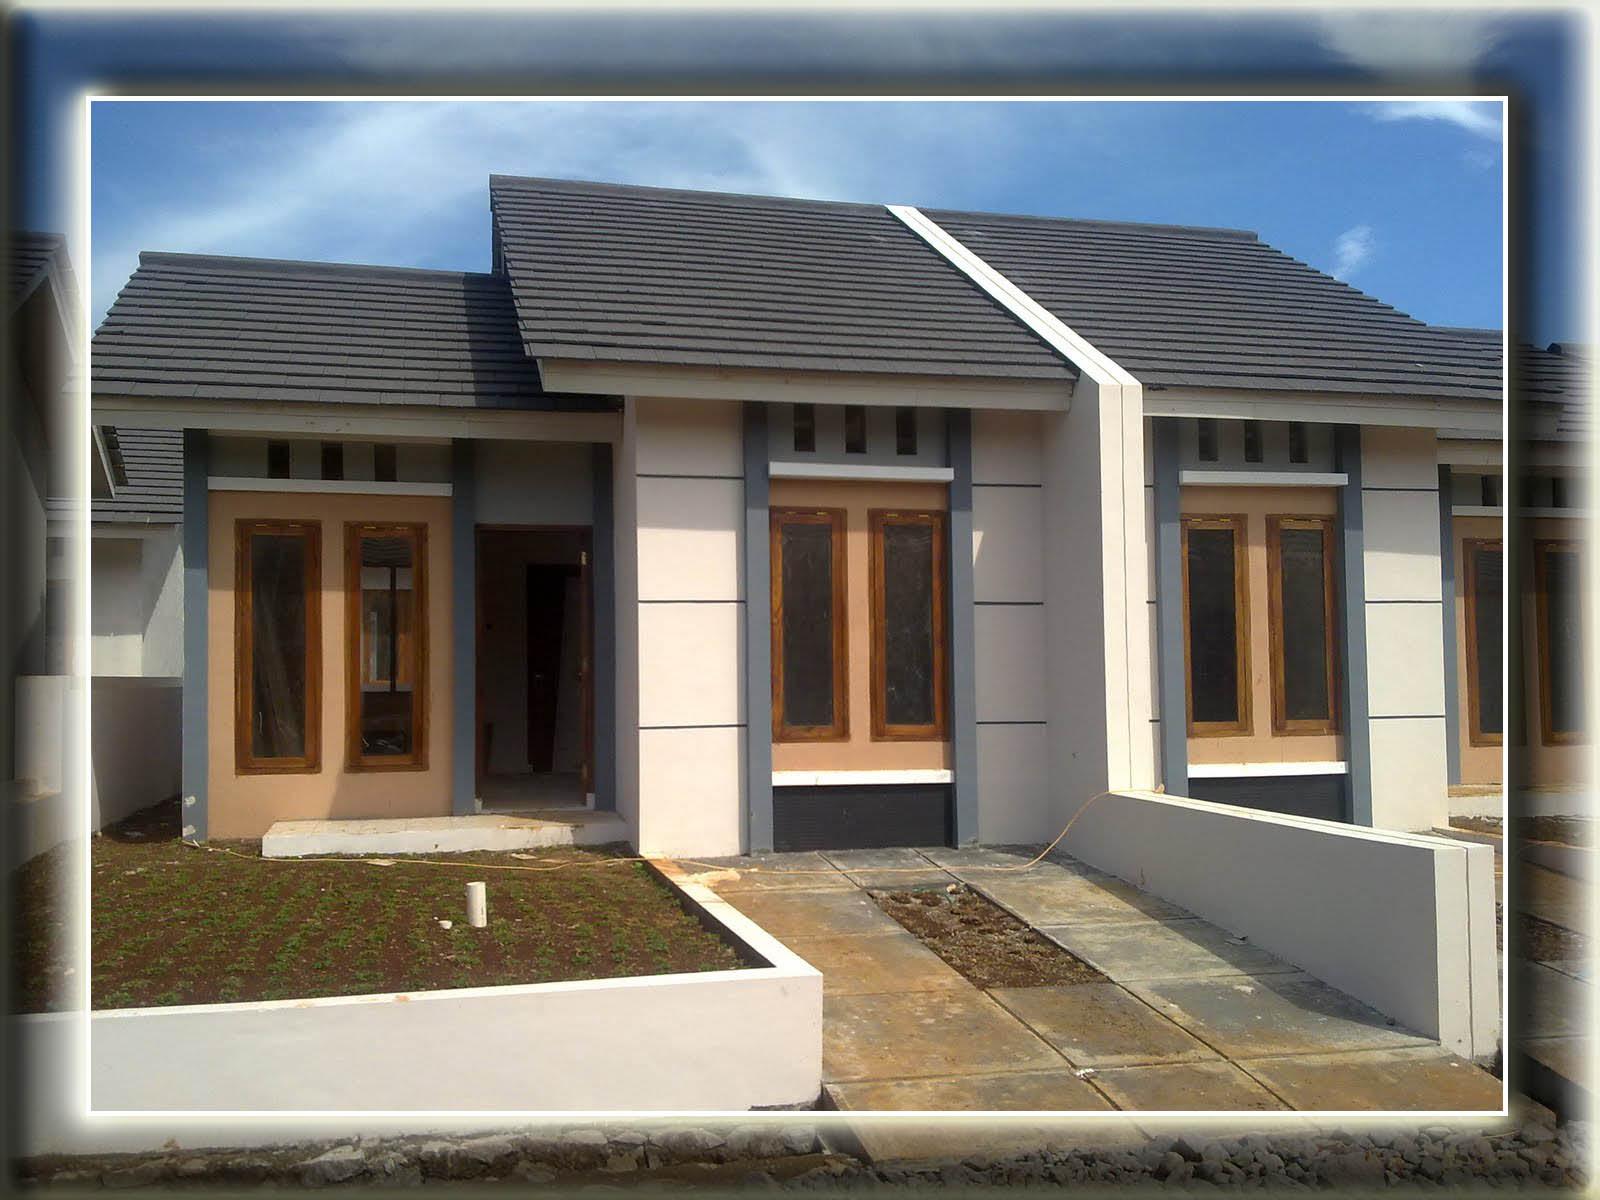 Rab Rumah Minimalis 2 Lantai Excel Expo Desain Rumah